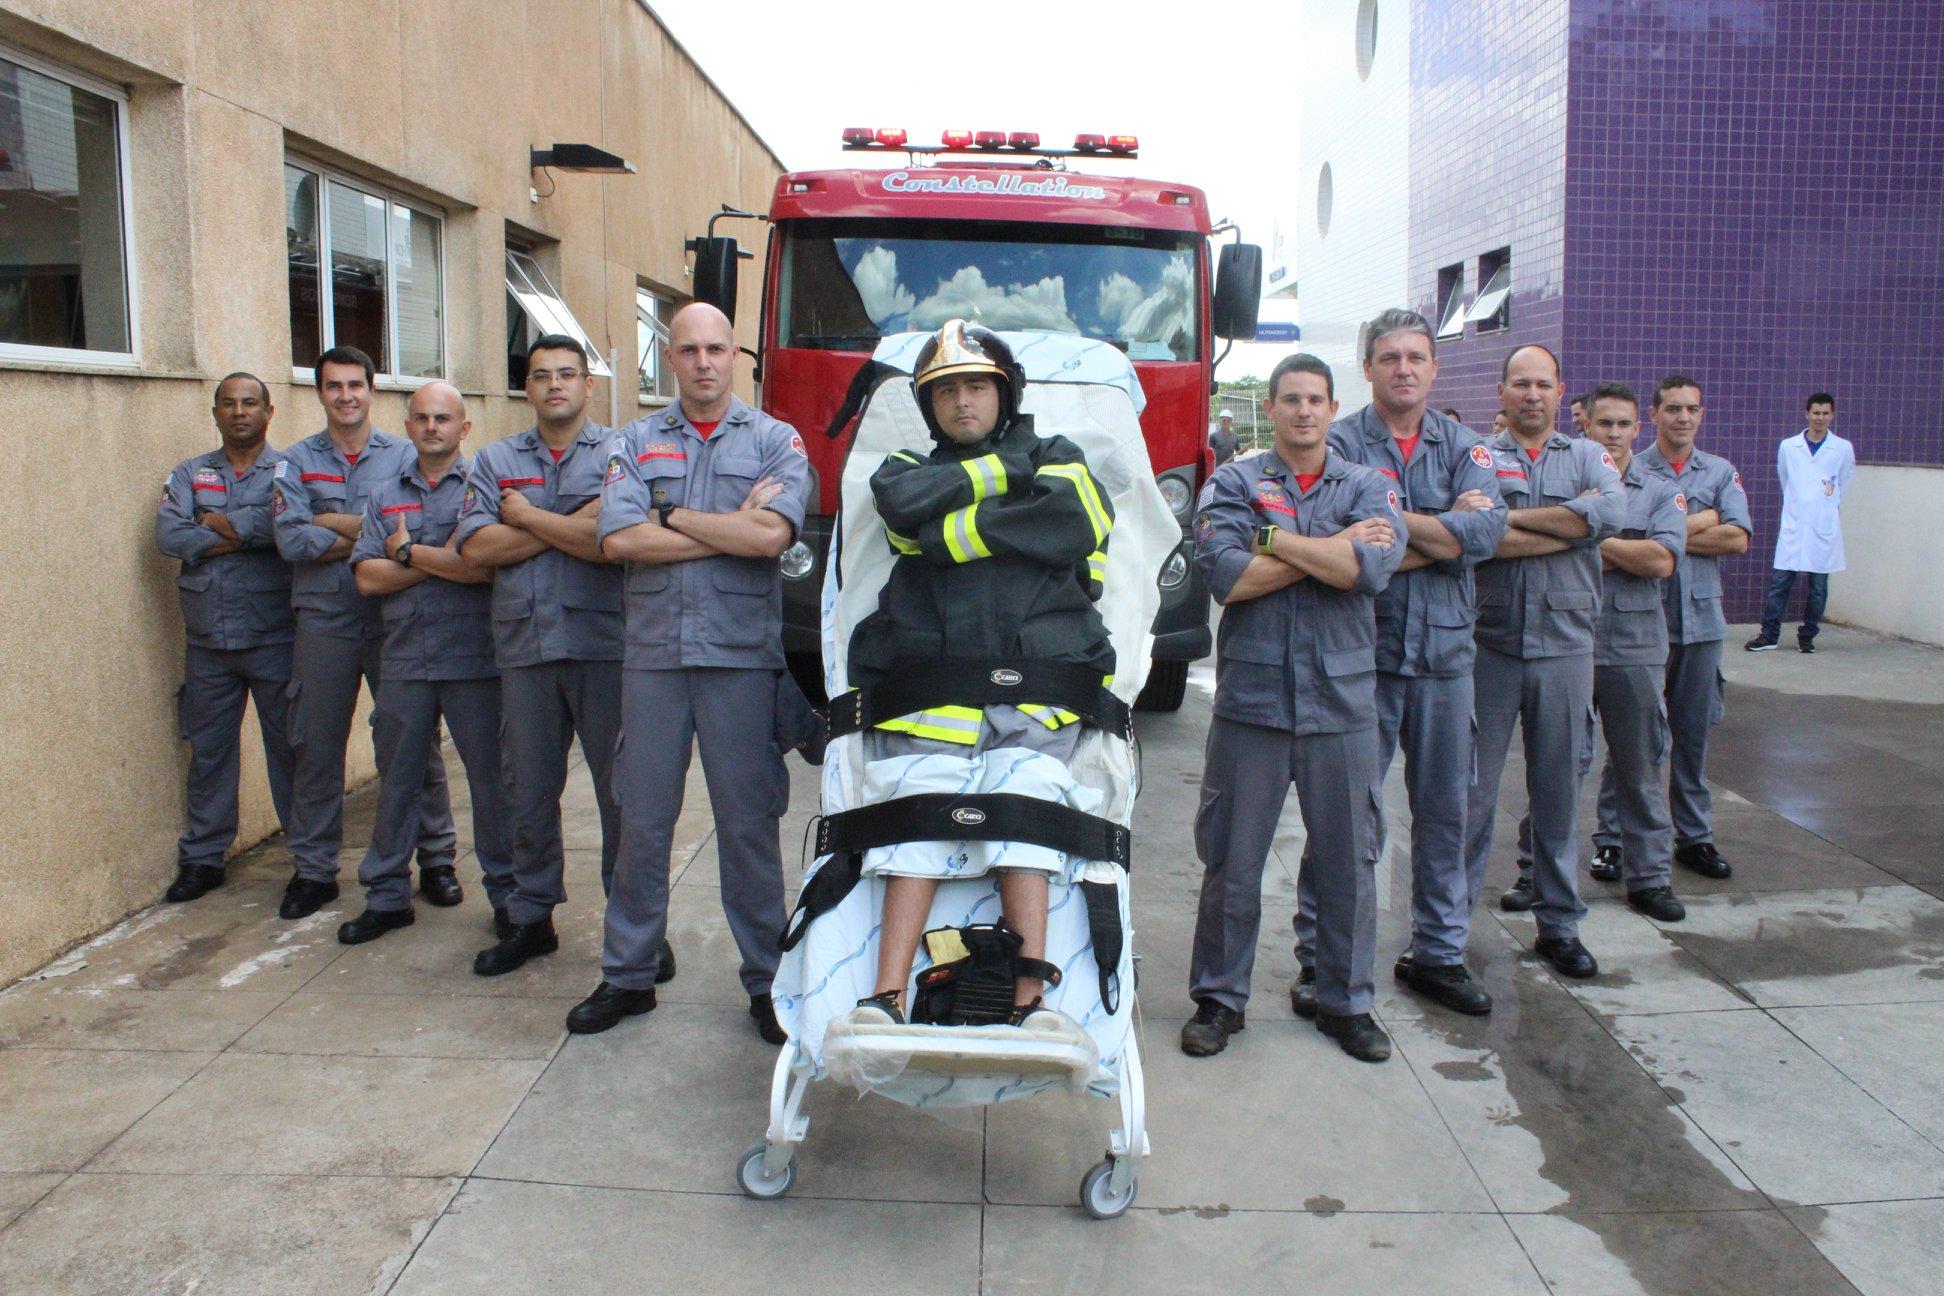 Jovem com tetraparesia que sonha em ser bombeiro tem sonho realizado graças à equipe médica 3